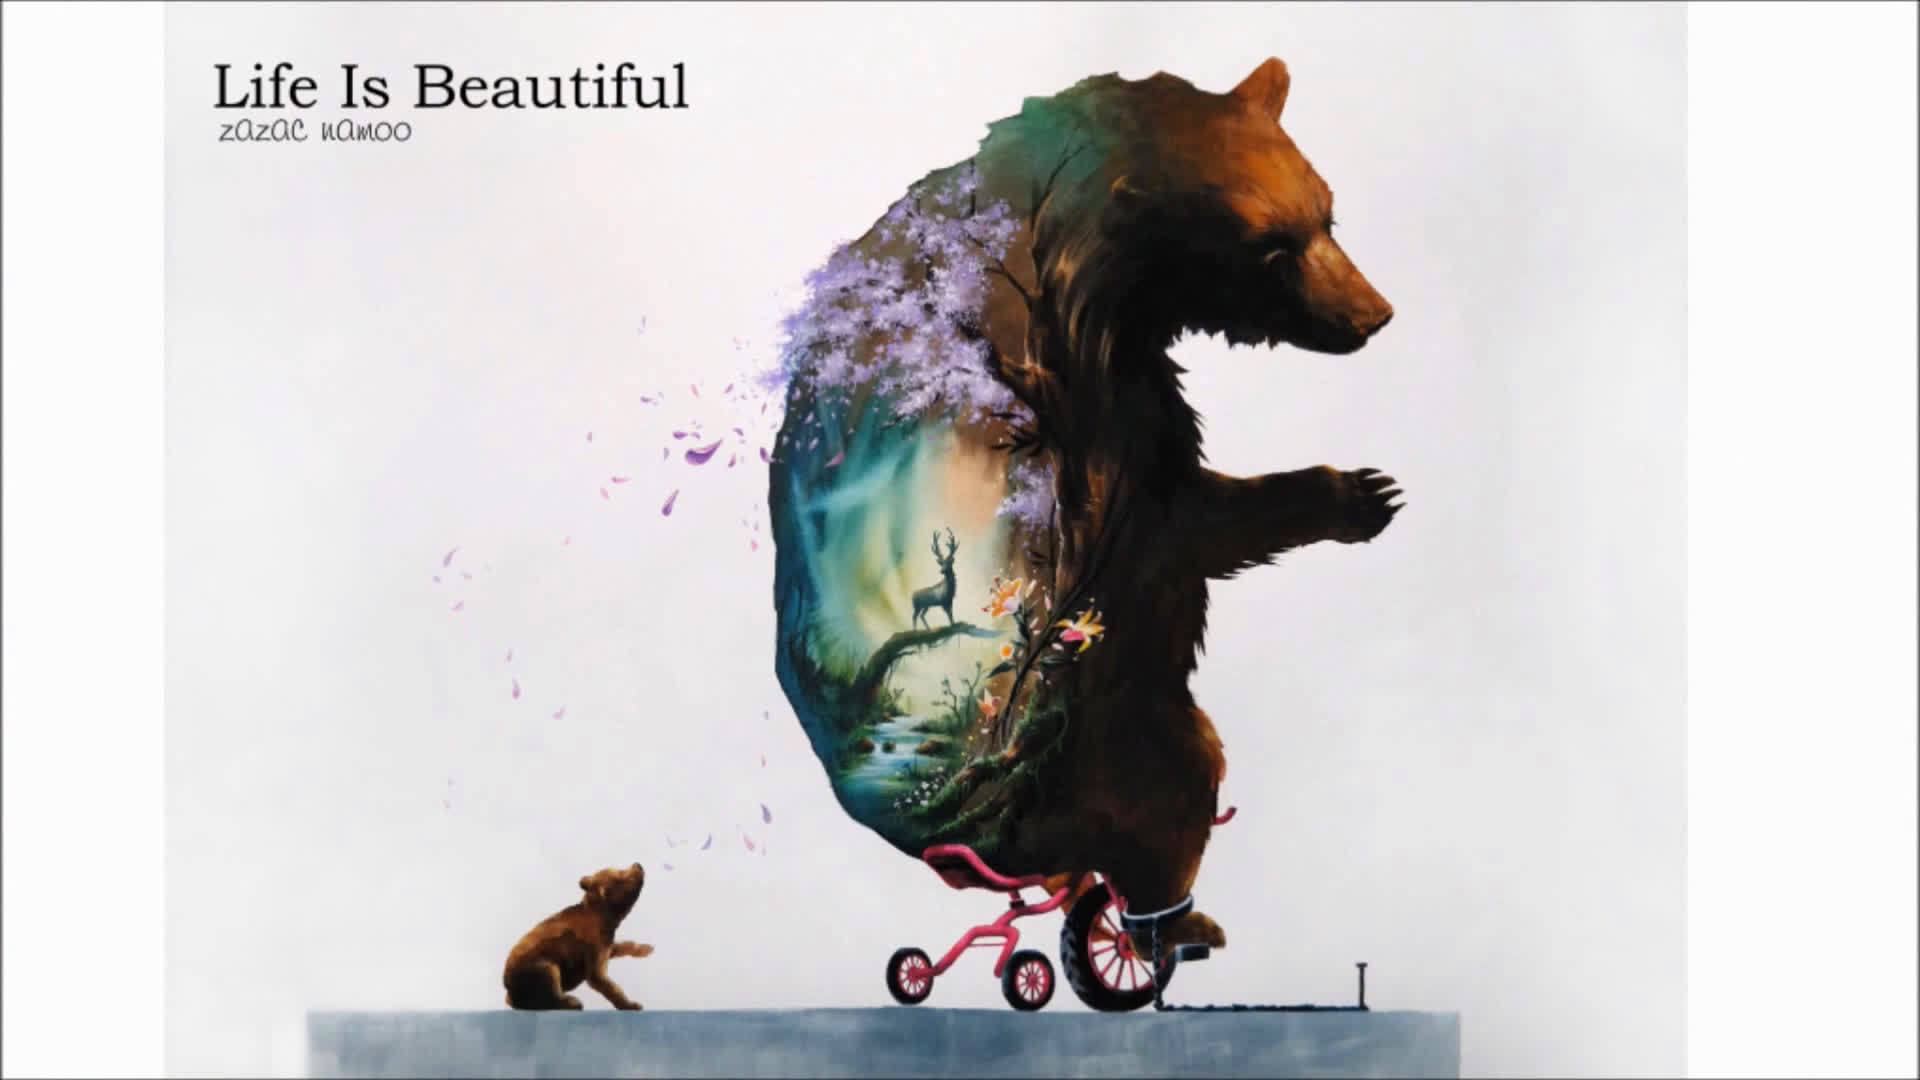 《美丽的生活》 赏心悦目的梦幻母子情, (美术视频)分享。